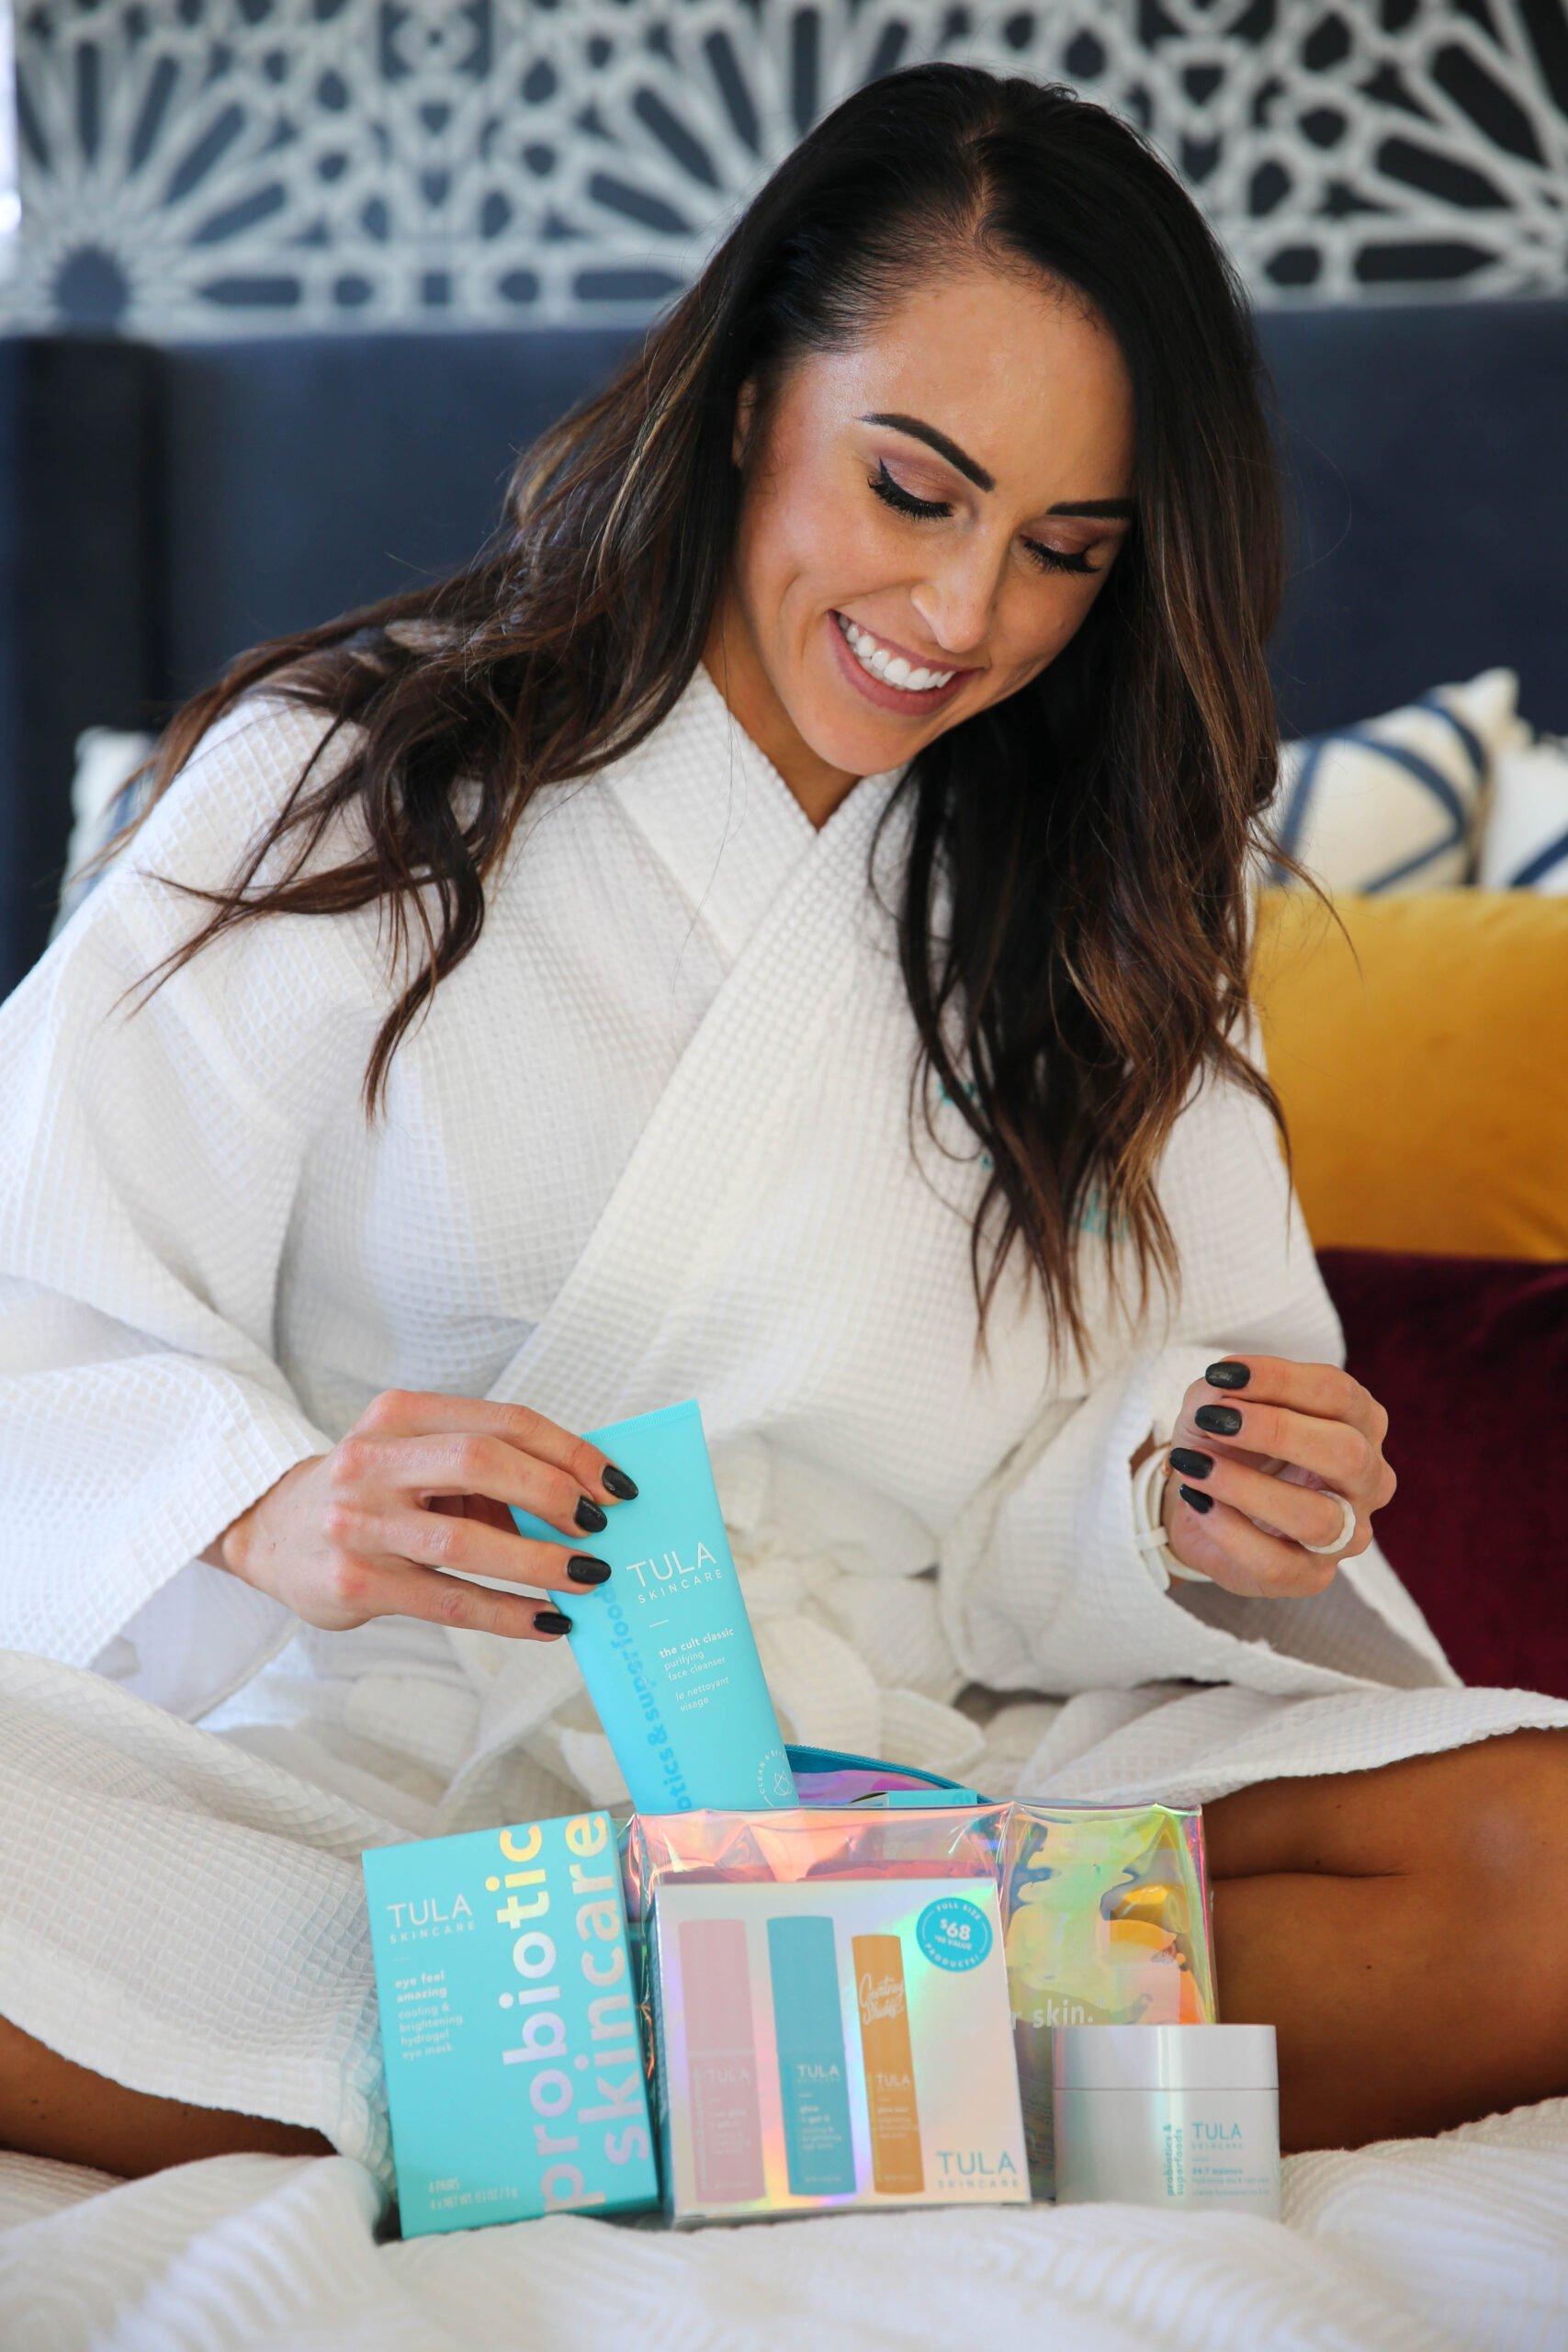 PaleOMG Holiday Skincare Gift Kit Ideas